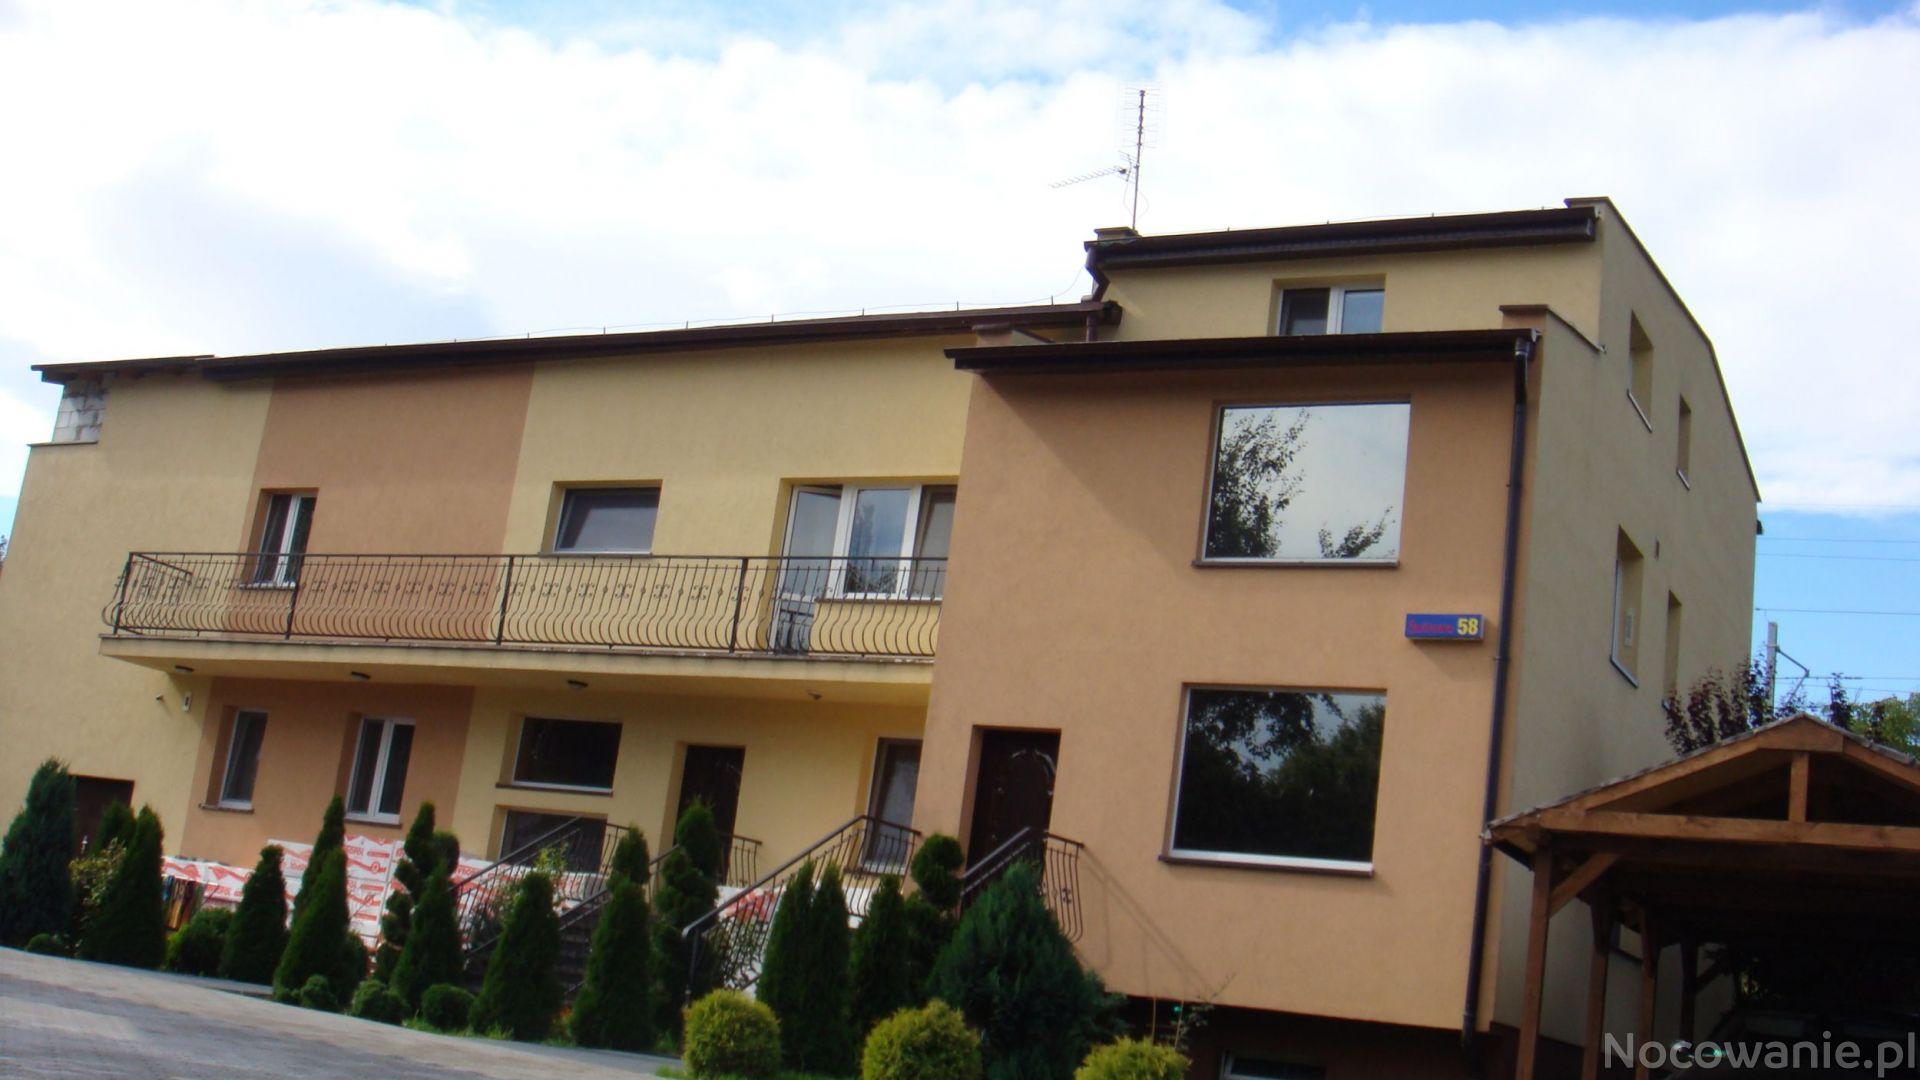 HostelHouse